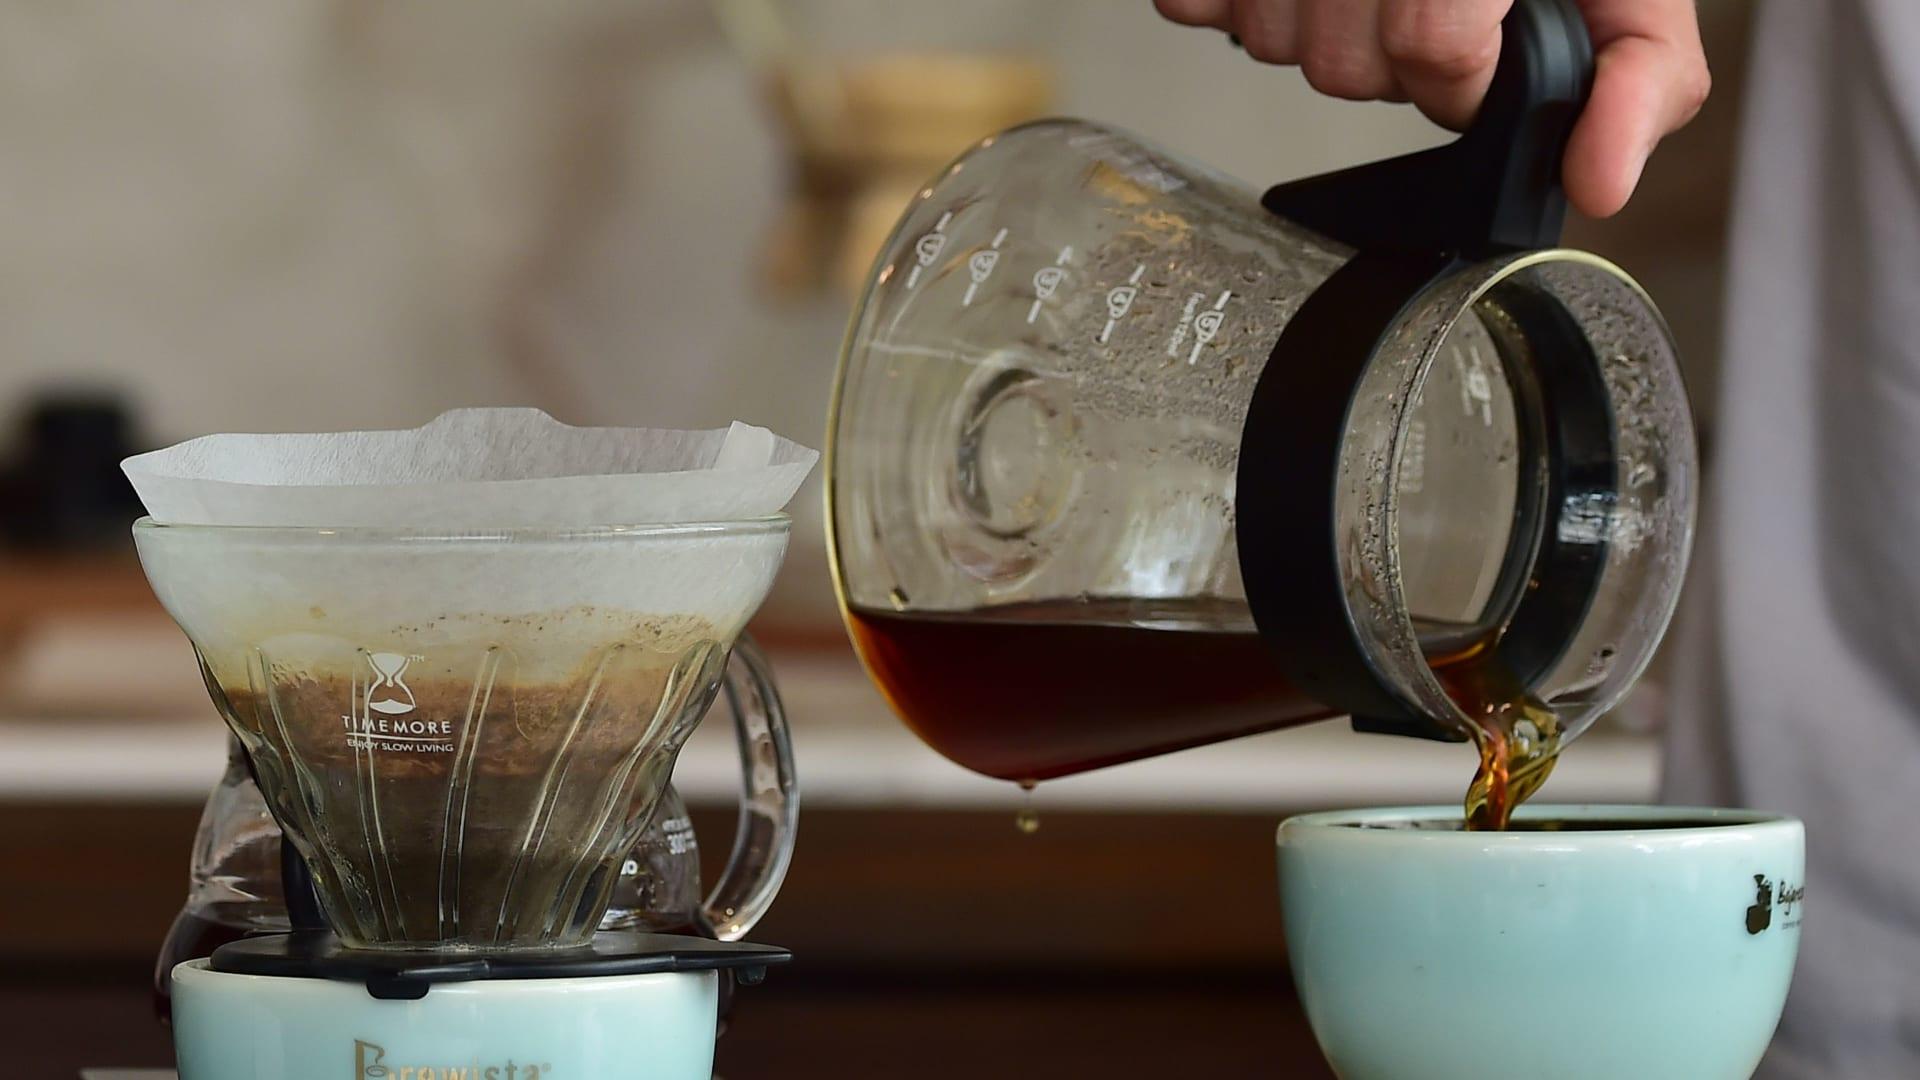 لا تستطيع بدء يومك دون كوب من القهوة السوداء؟ إليك 6 فوائد لهذا المشروب